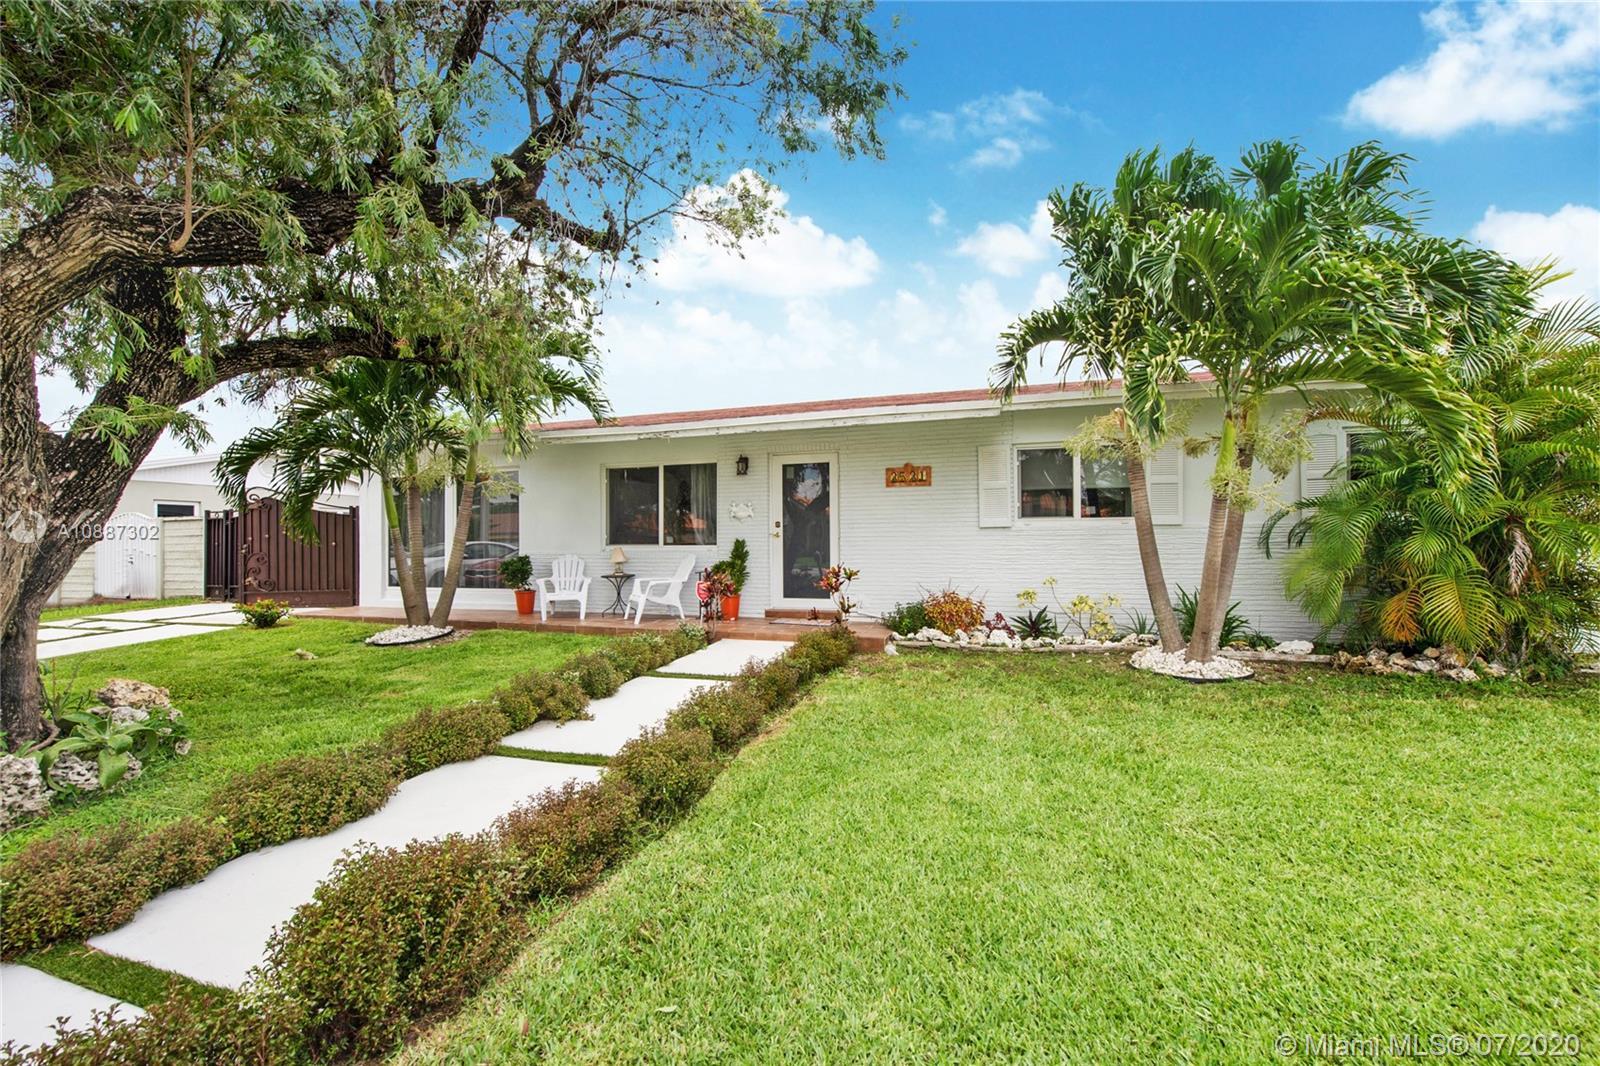 Southern Ests - 3531 SW 127th Ave, Miami, FL 33175